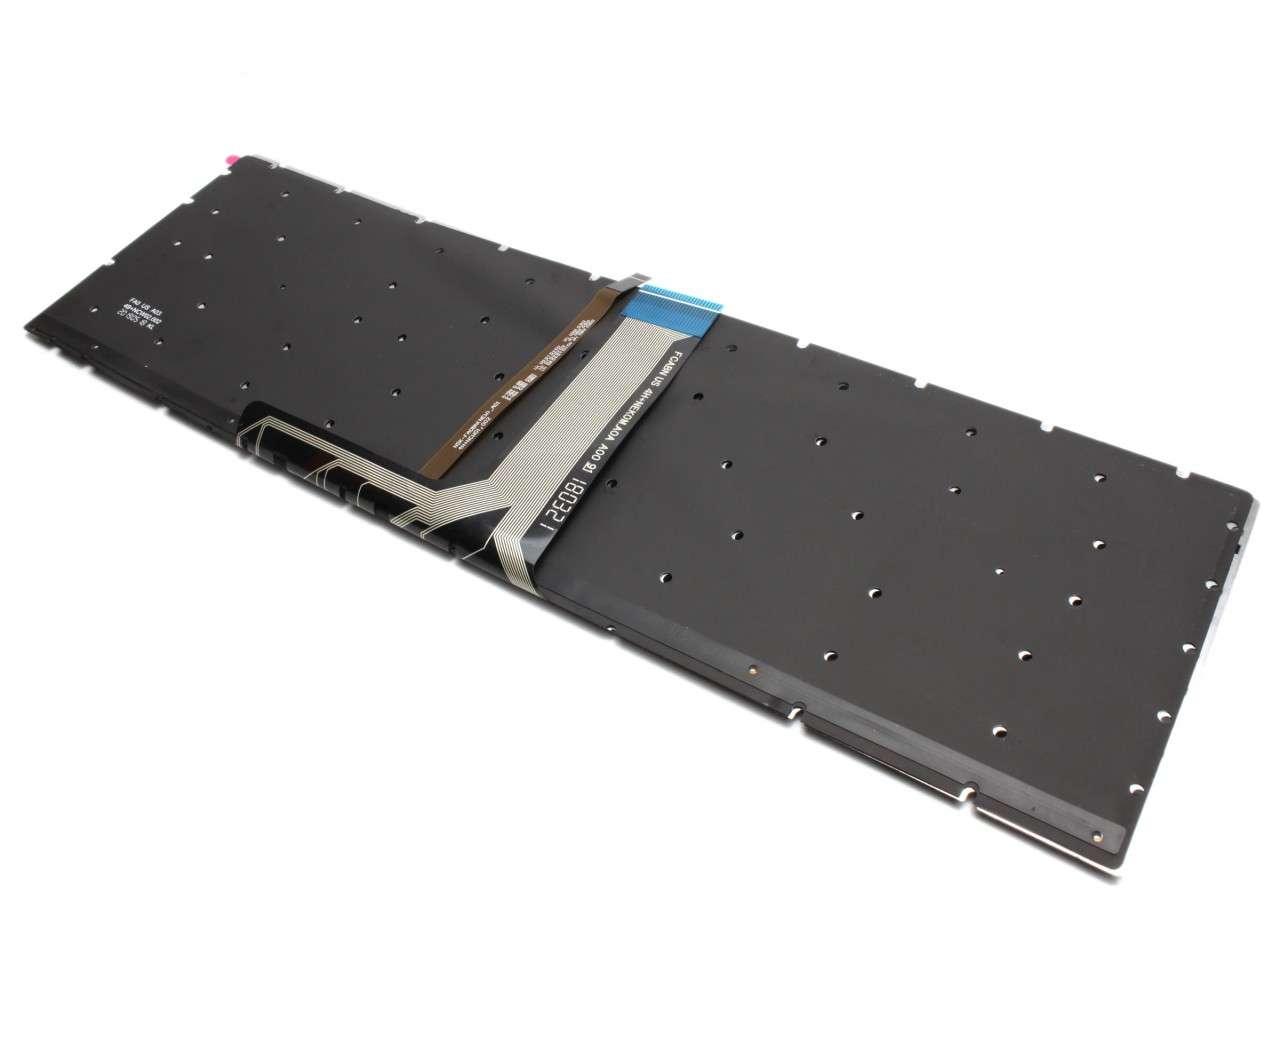 Tastatura MSI GT72 2PE Dominator Pro iluminata layout US fara rama enter mic imagine powerlaptop.ro 2021